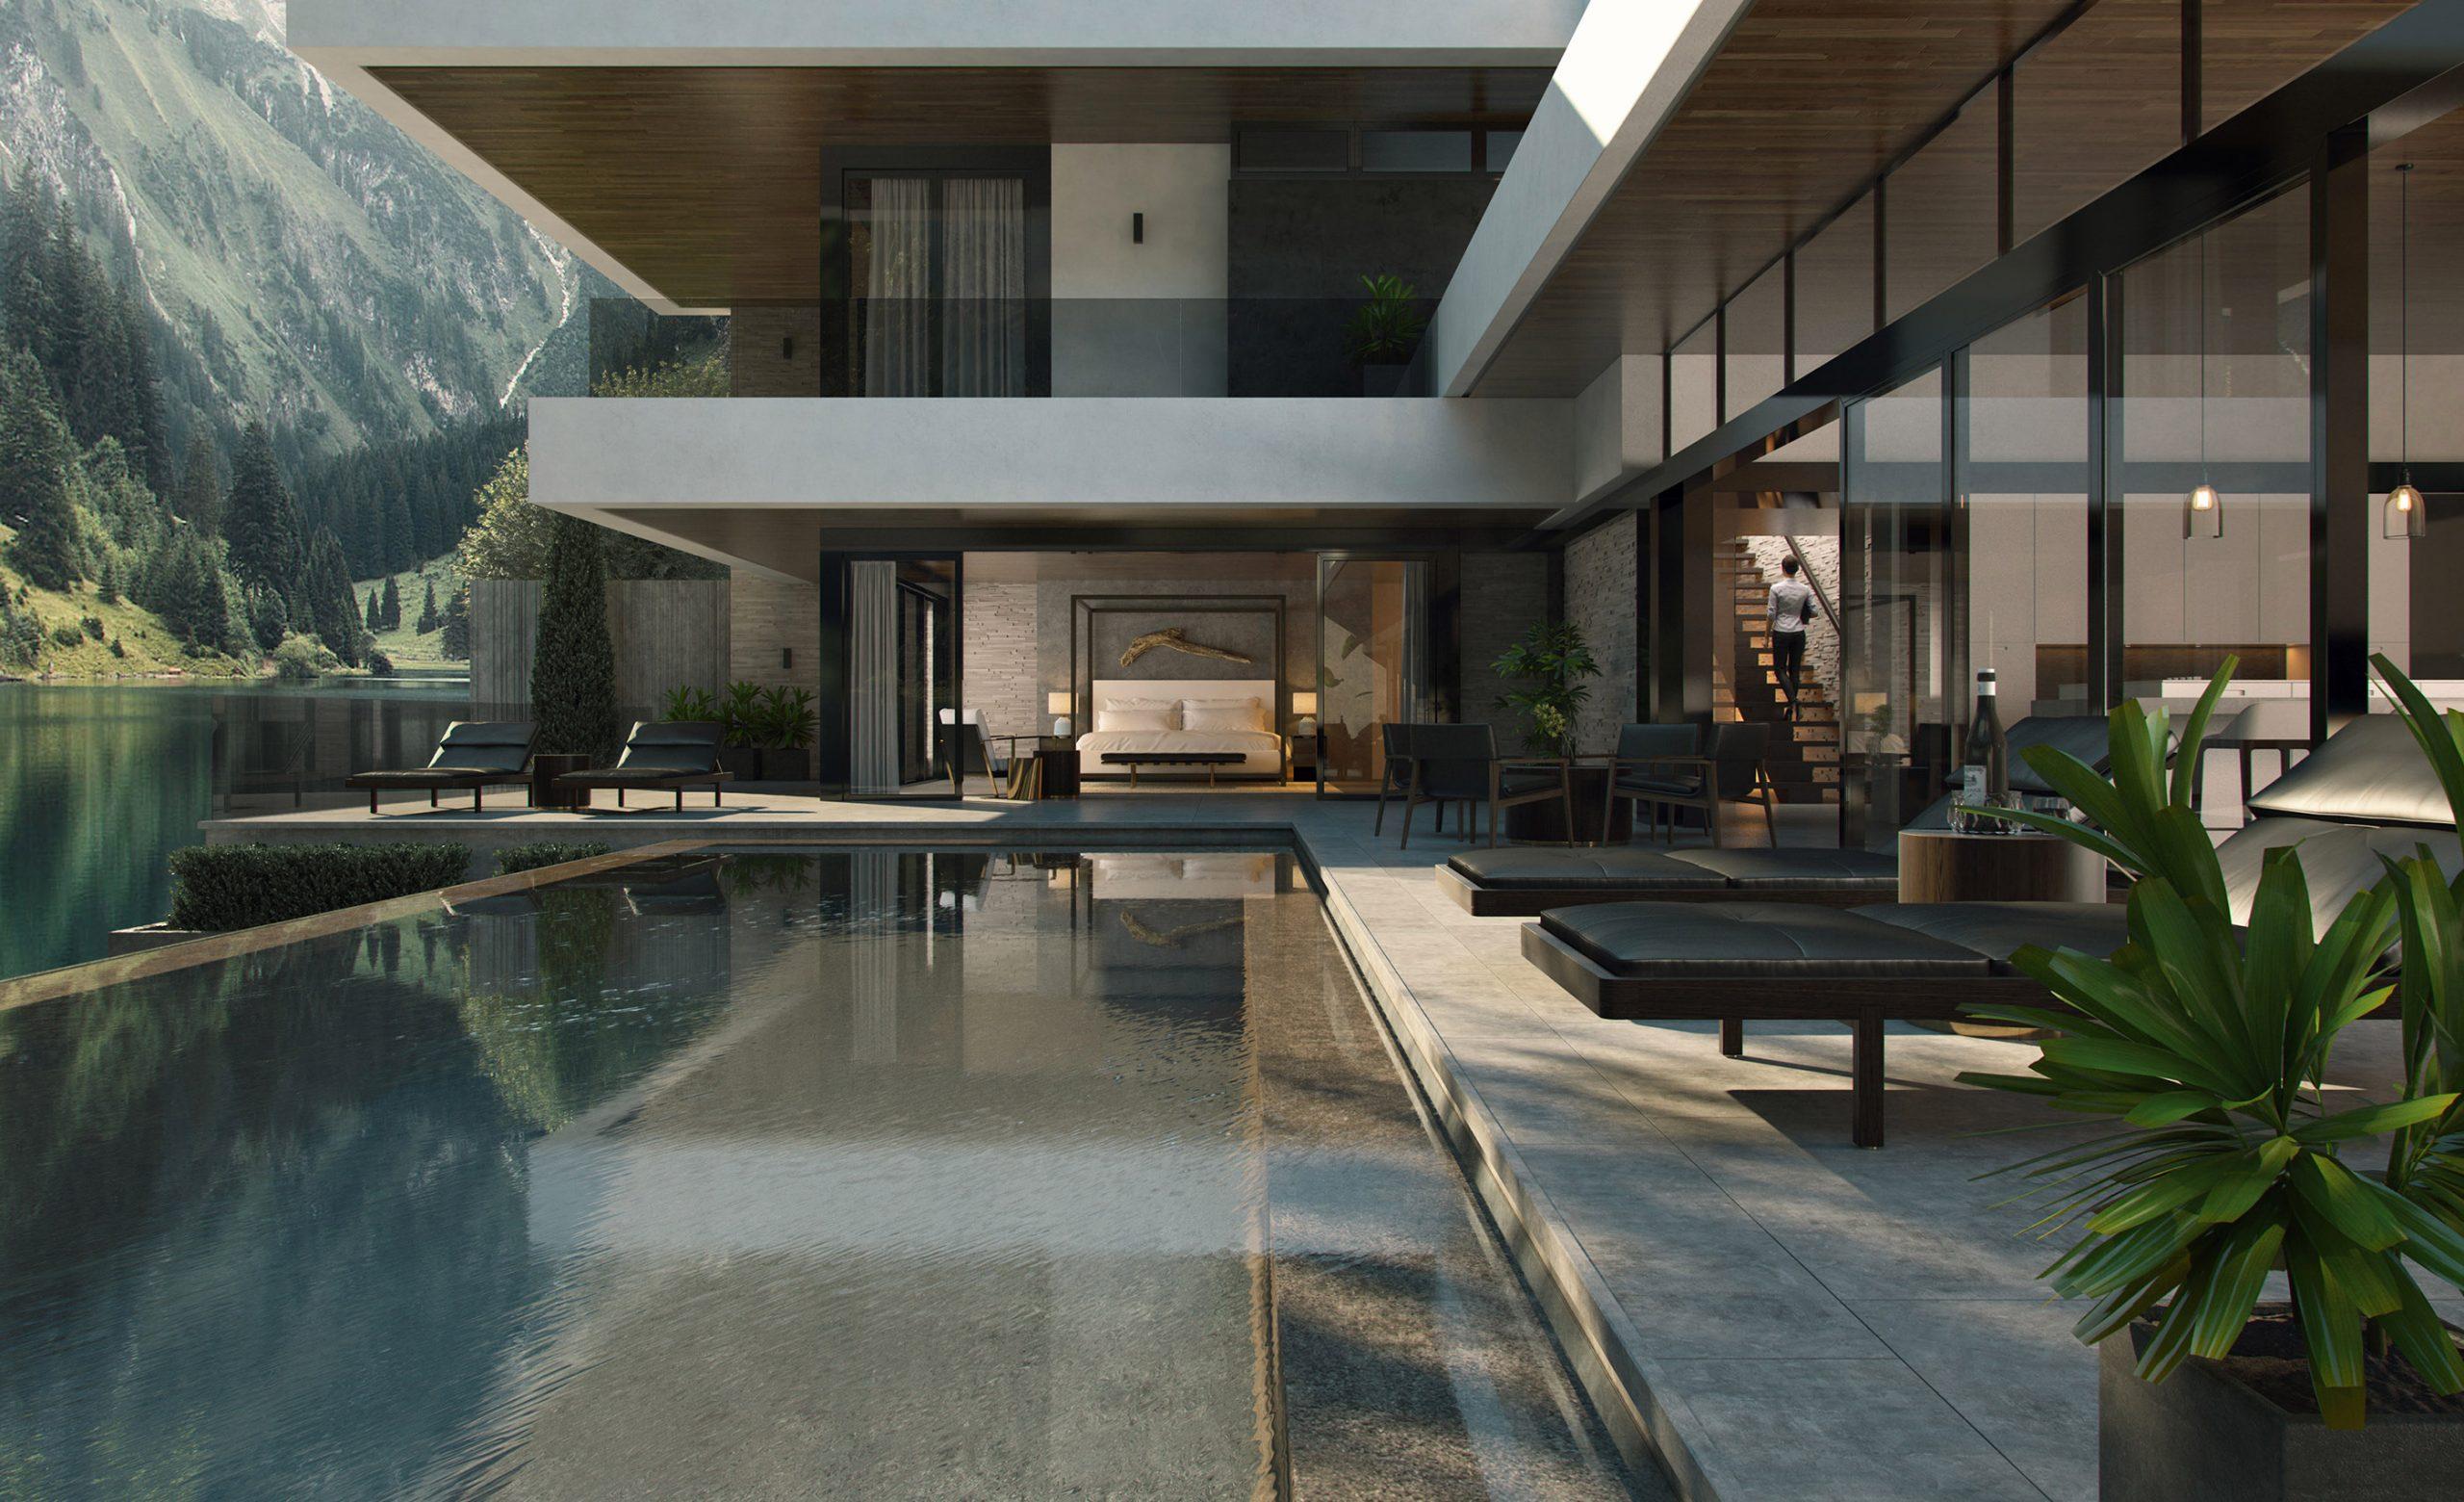 悉尼的建筑师Jeffrey Faranial华丽的建筑效果图和概念设计